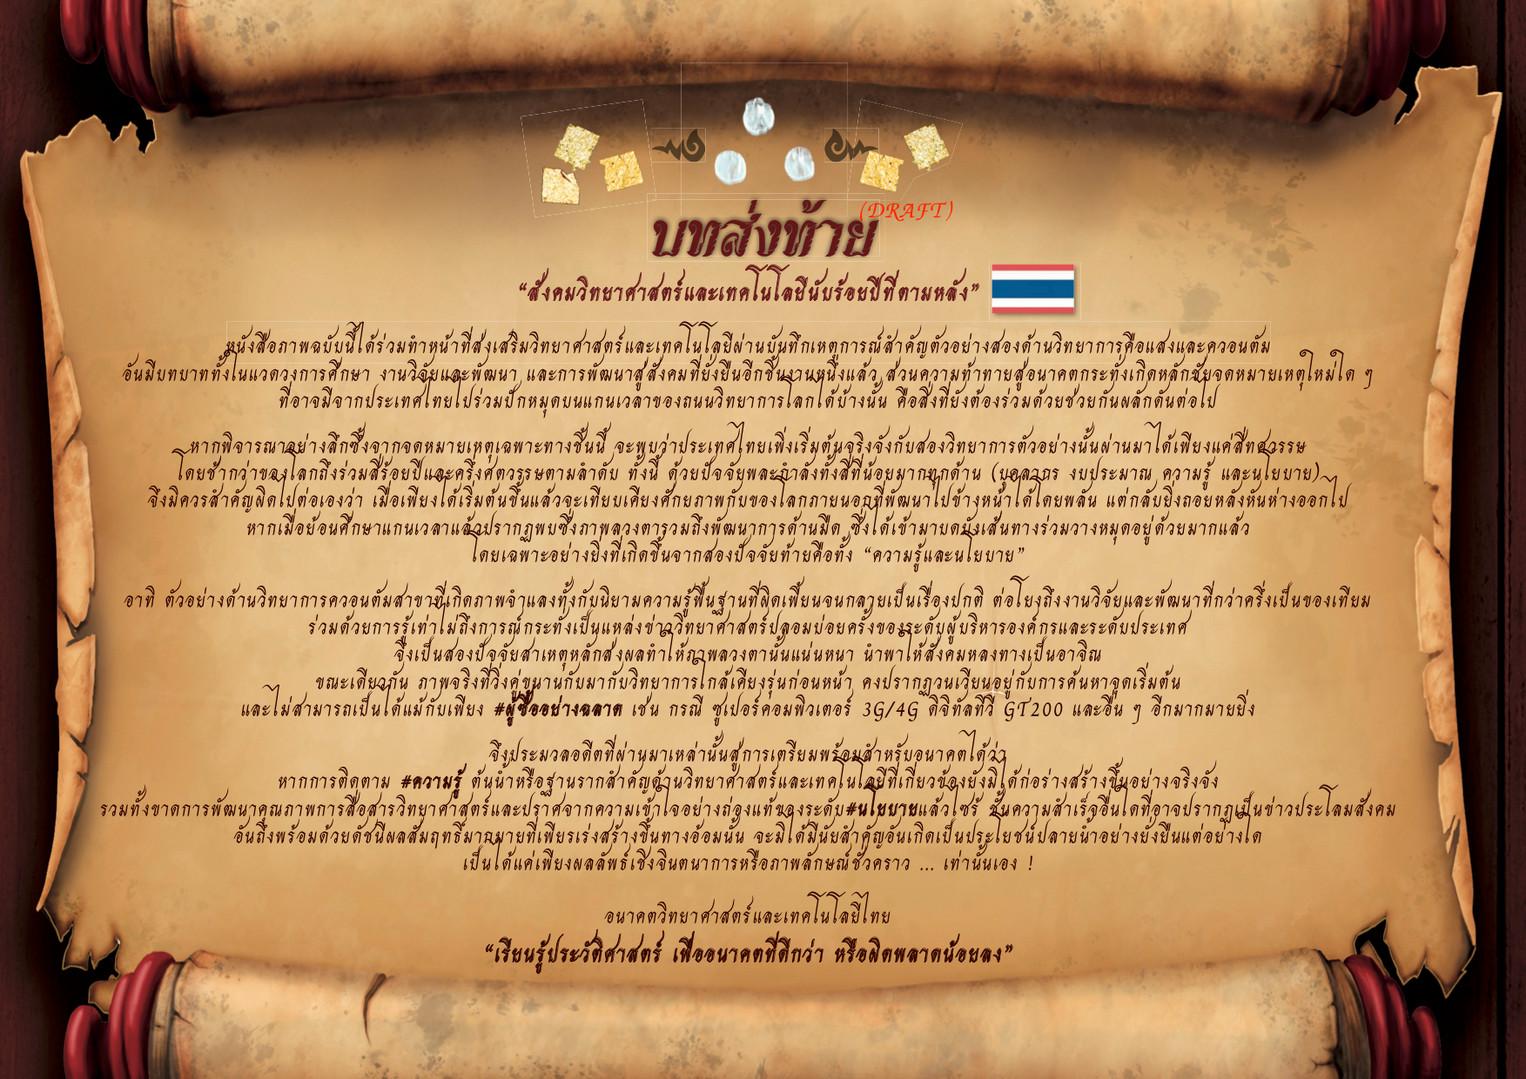 บทส่งท้ายสำหรับเมืองไทย